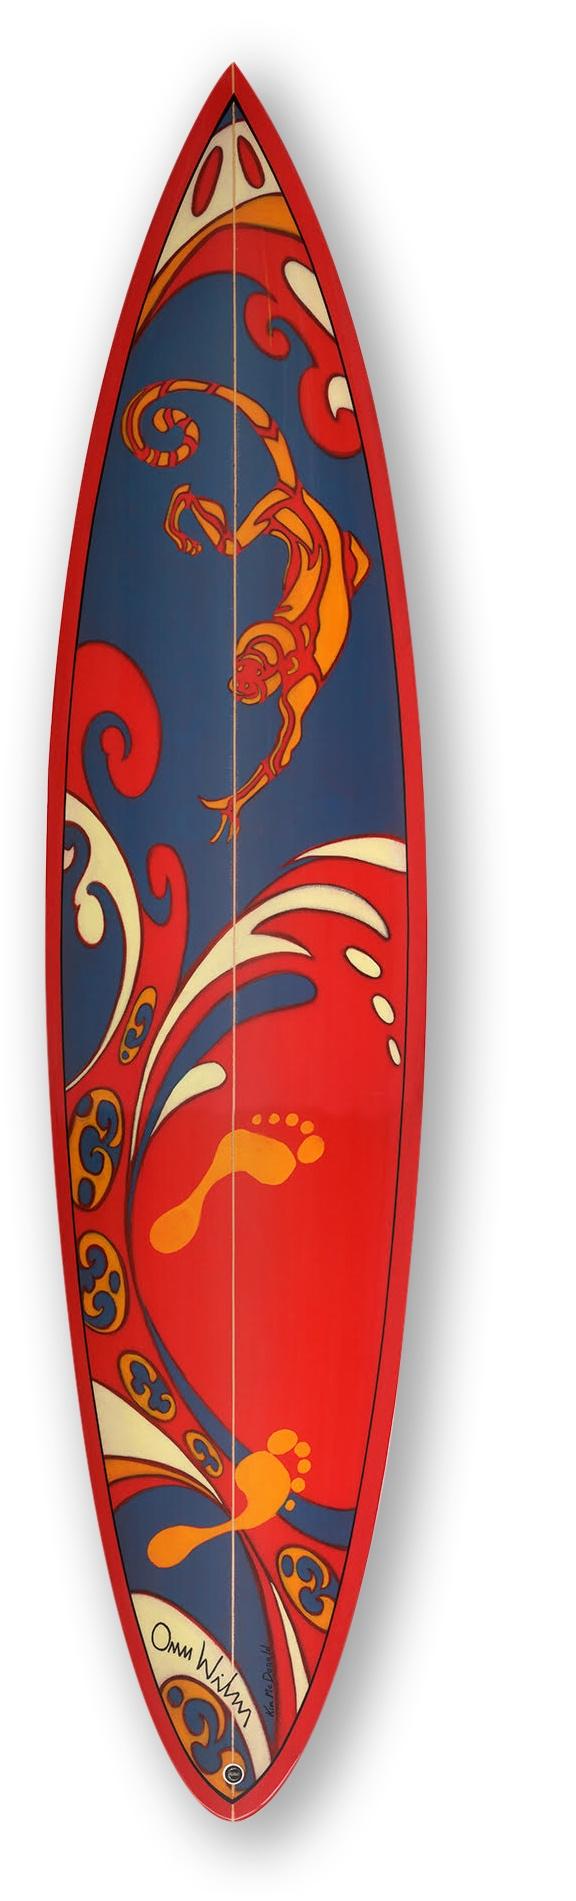 Size 7' Gun Surfboard???